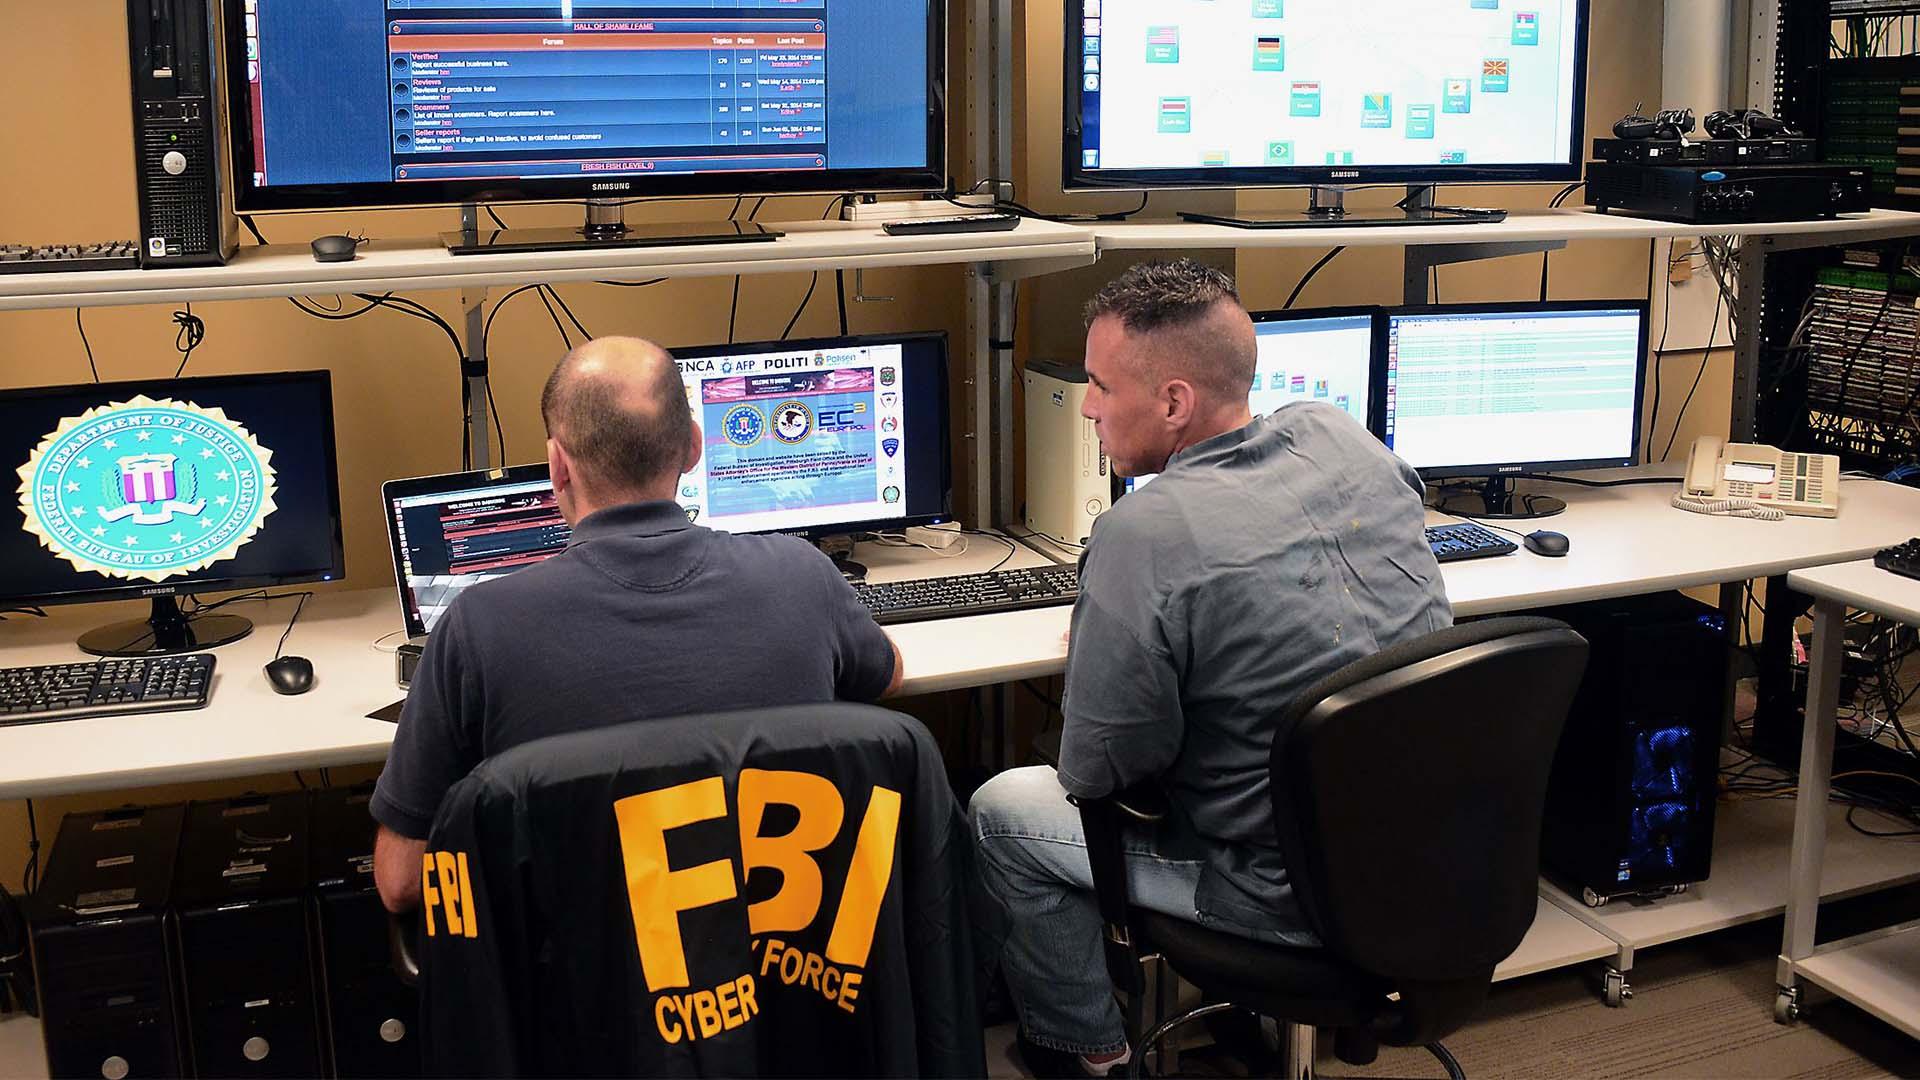 La oficina federal se encuentra rastreando los posibles culpables del hackeo a varios medios estadounidenses